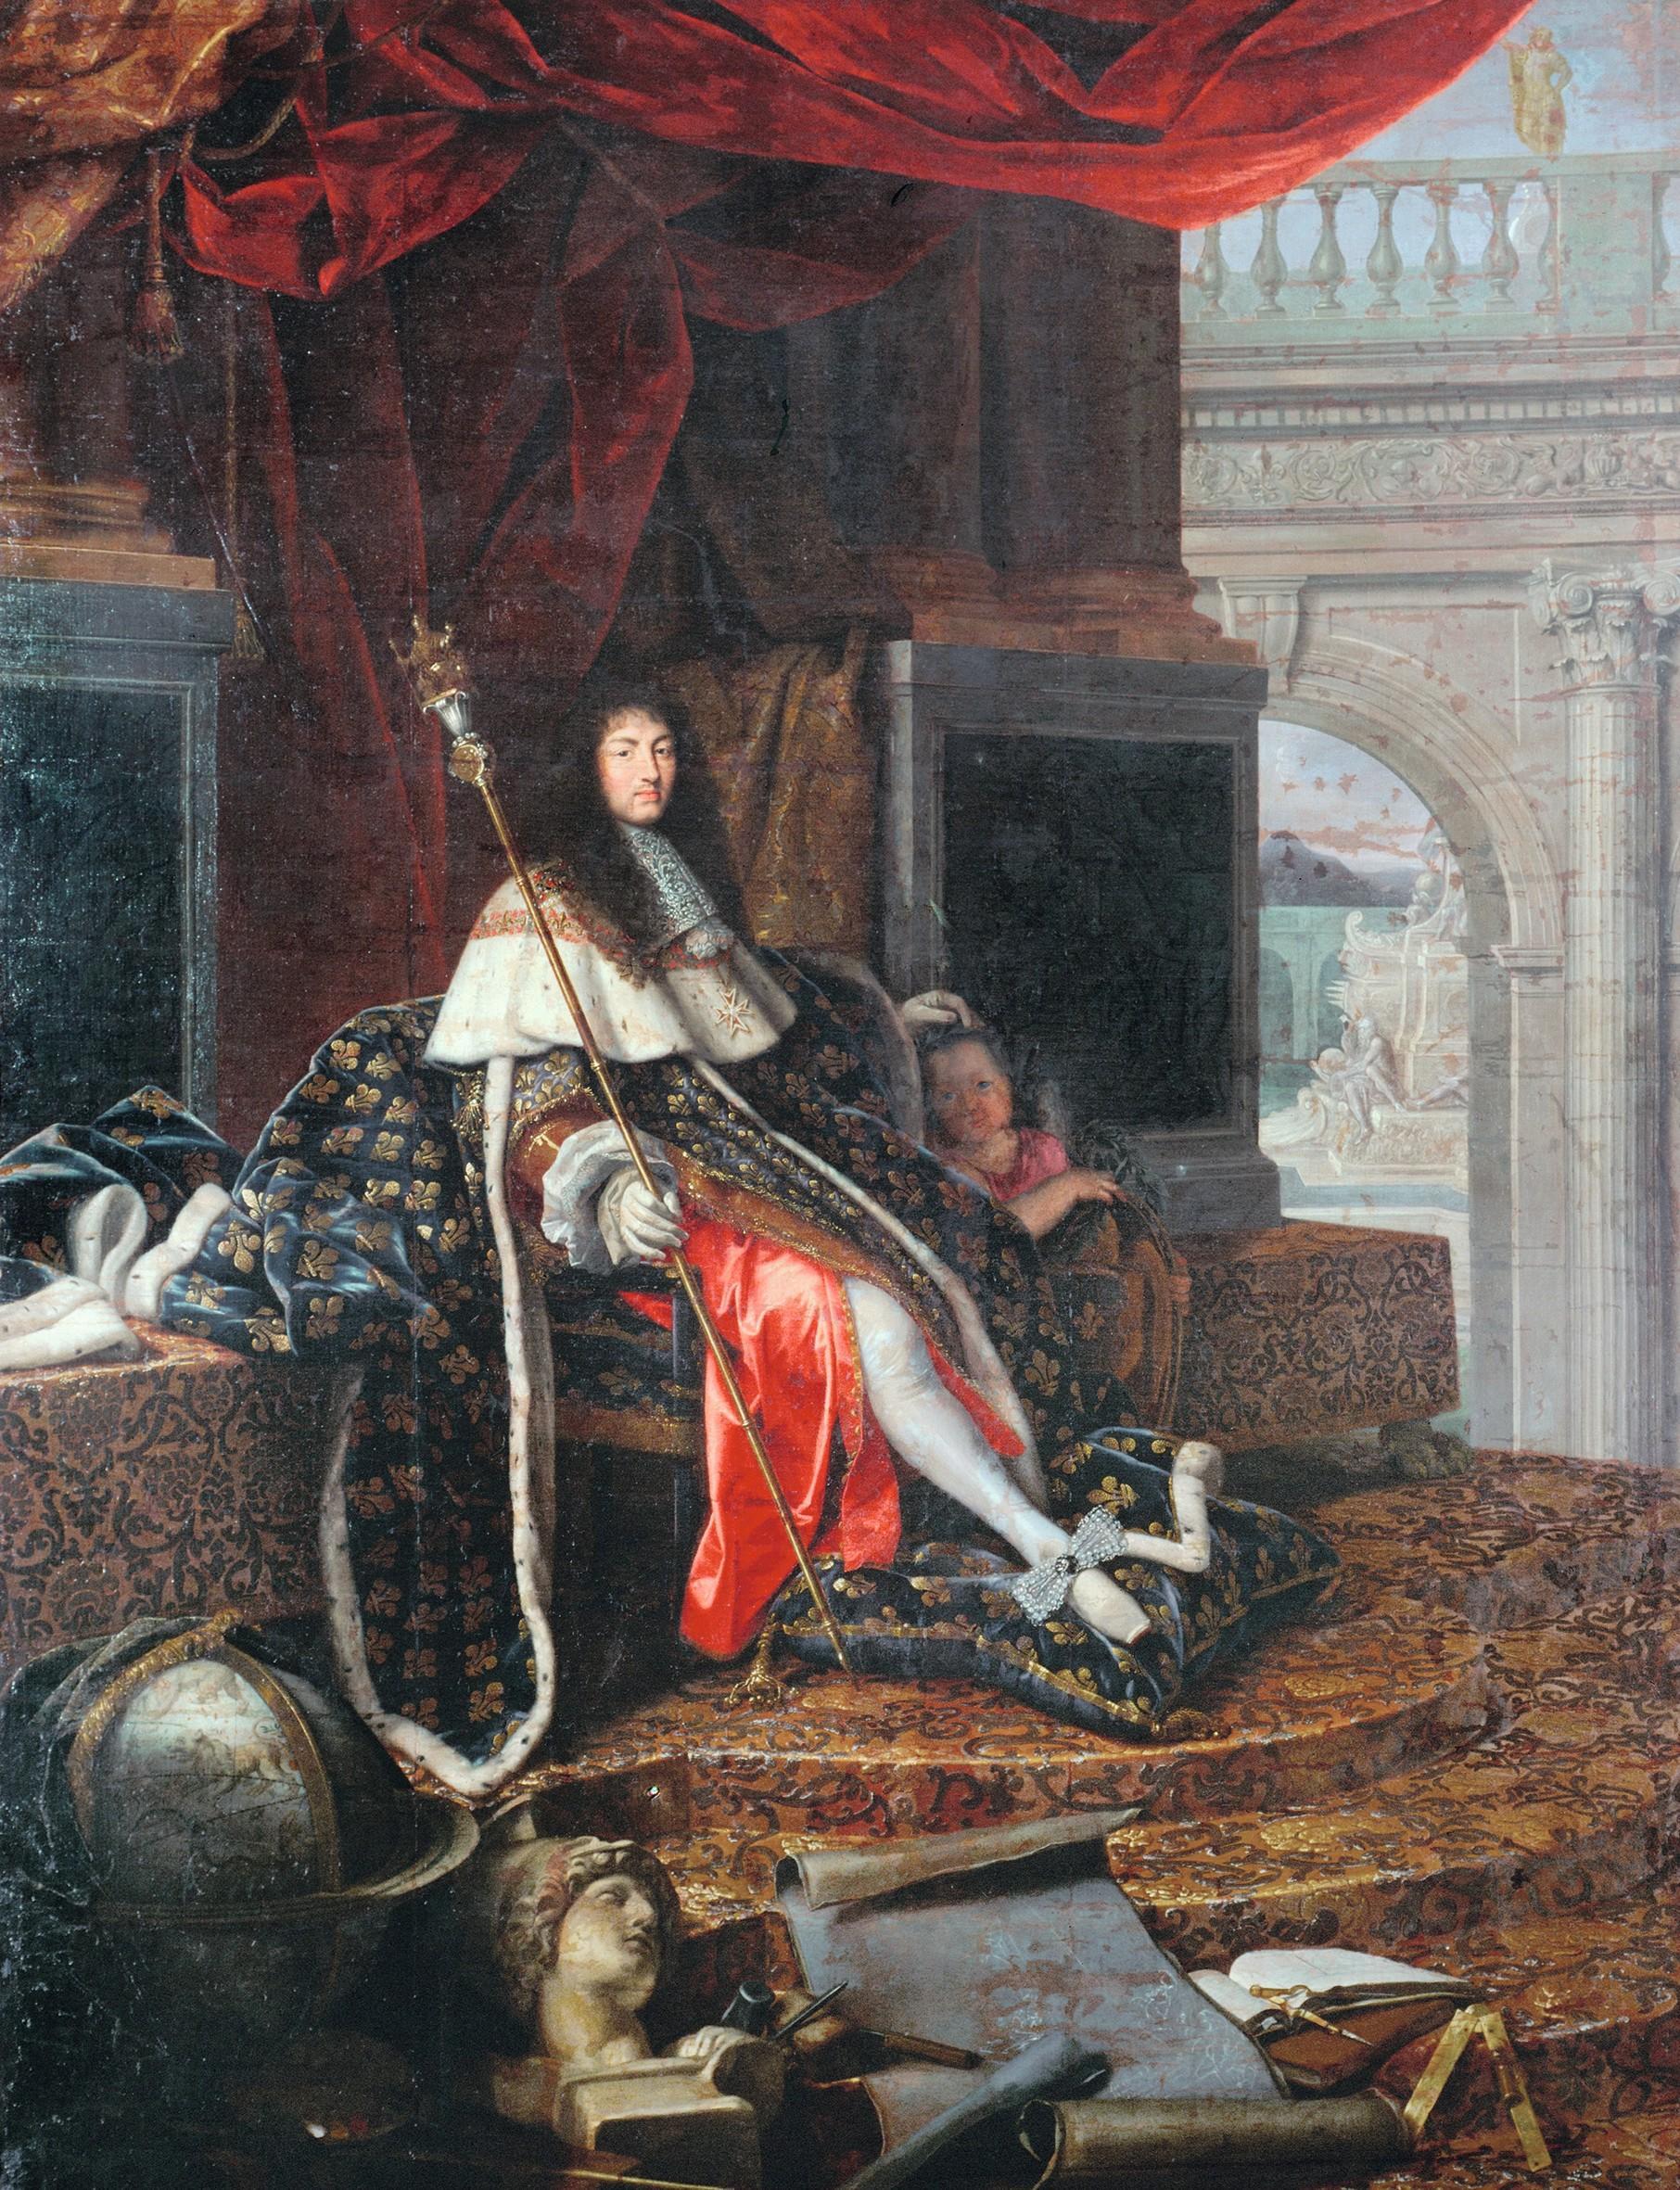 Henri Testelin, Louis XIV protecteur de l'Académie royale de peinture et de sculpture, 1668, huile sur toile, 390 × 290 cm, château de Versailles.